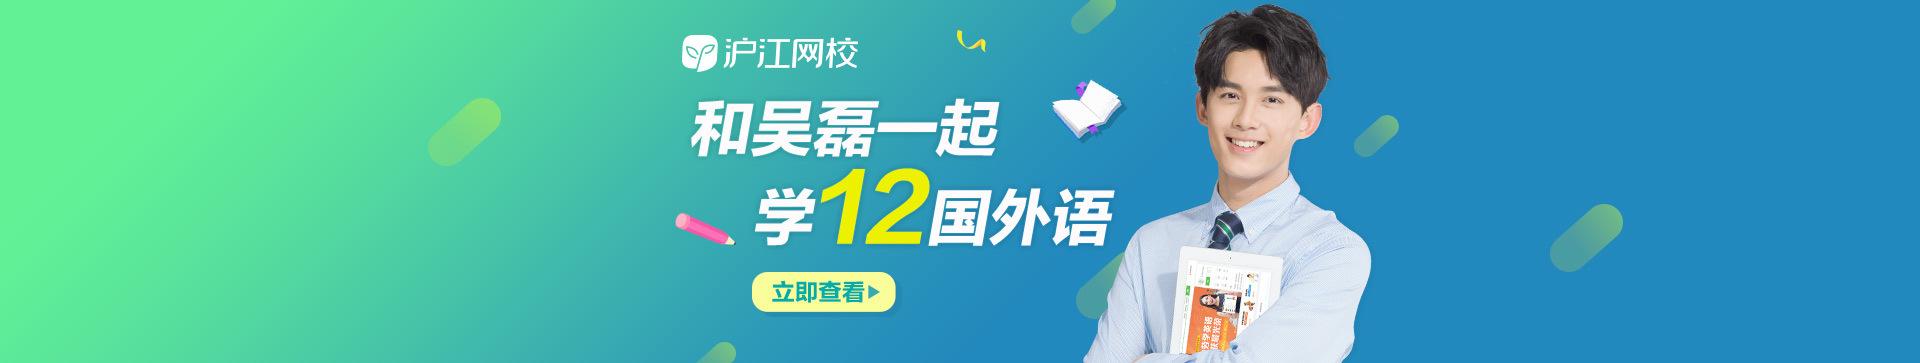 和吴磊一起学12国外语